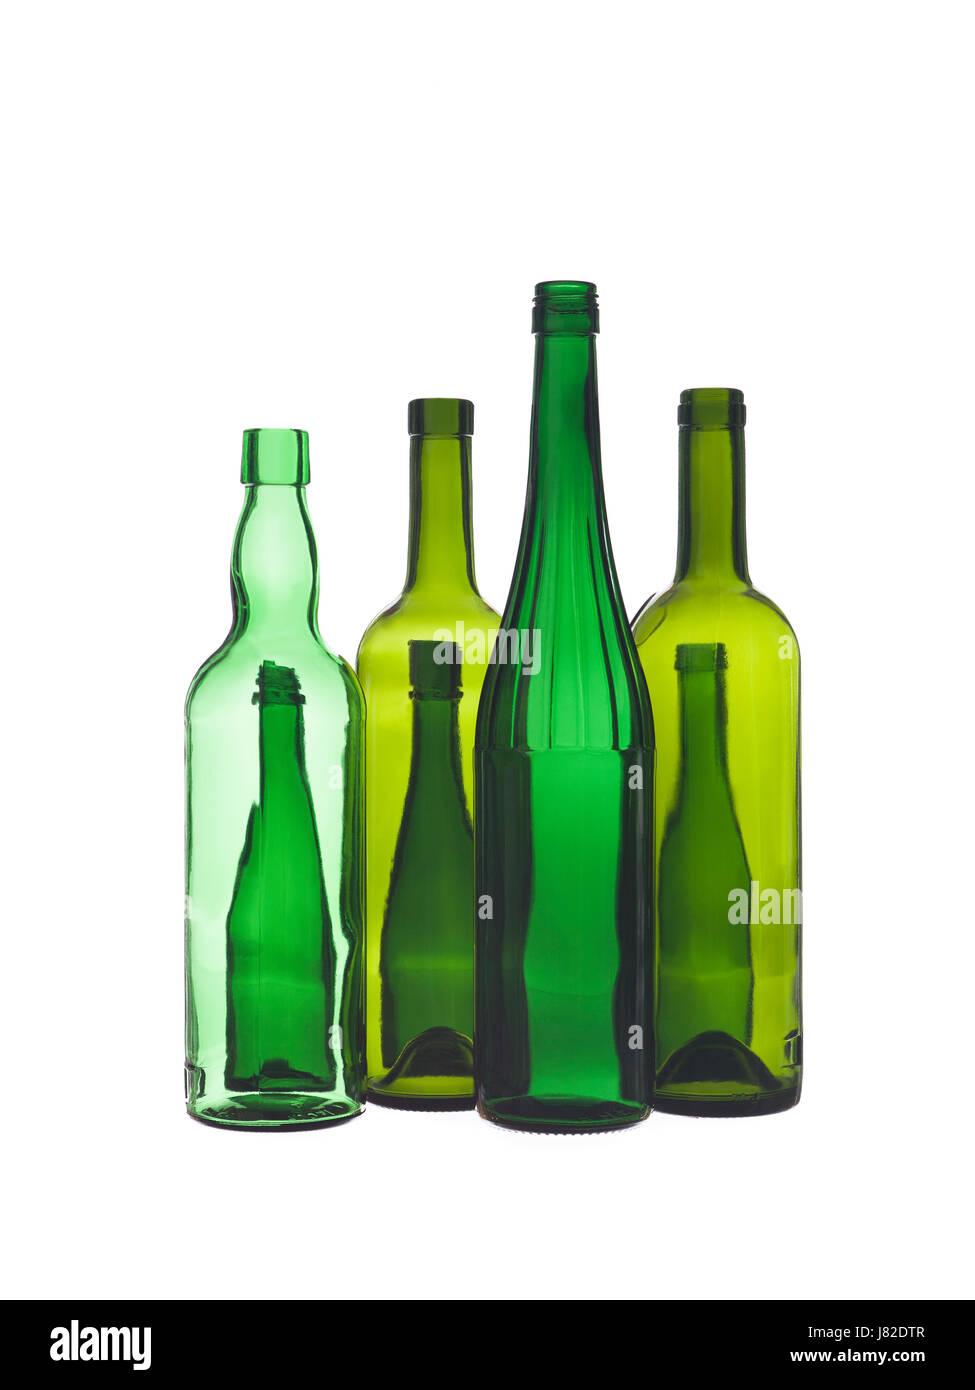 Cáliz de vidrio tumbler medio ambiente Medio ambiente formación art studio botellas de formas Foto de stock